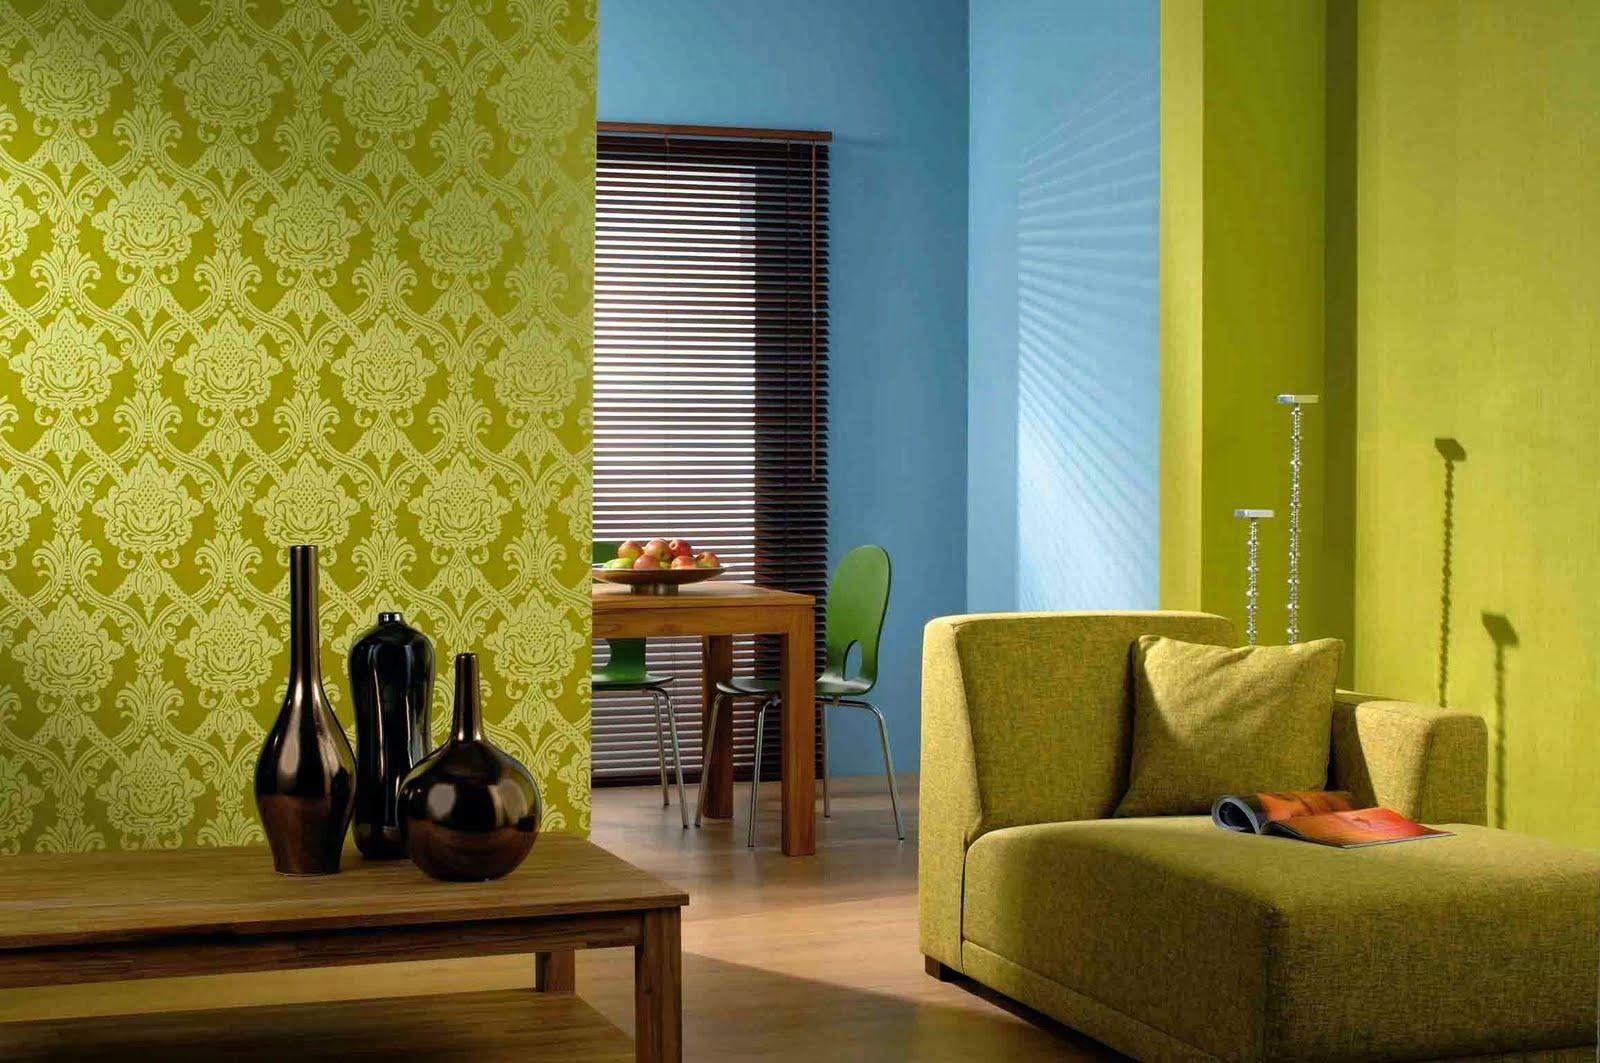 Ide Wallpaper Mewah Ruang Tamu Minimalis Hijau | Desain Interior ...